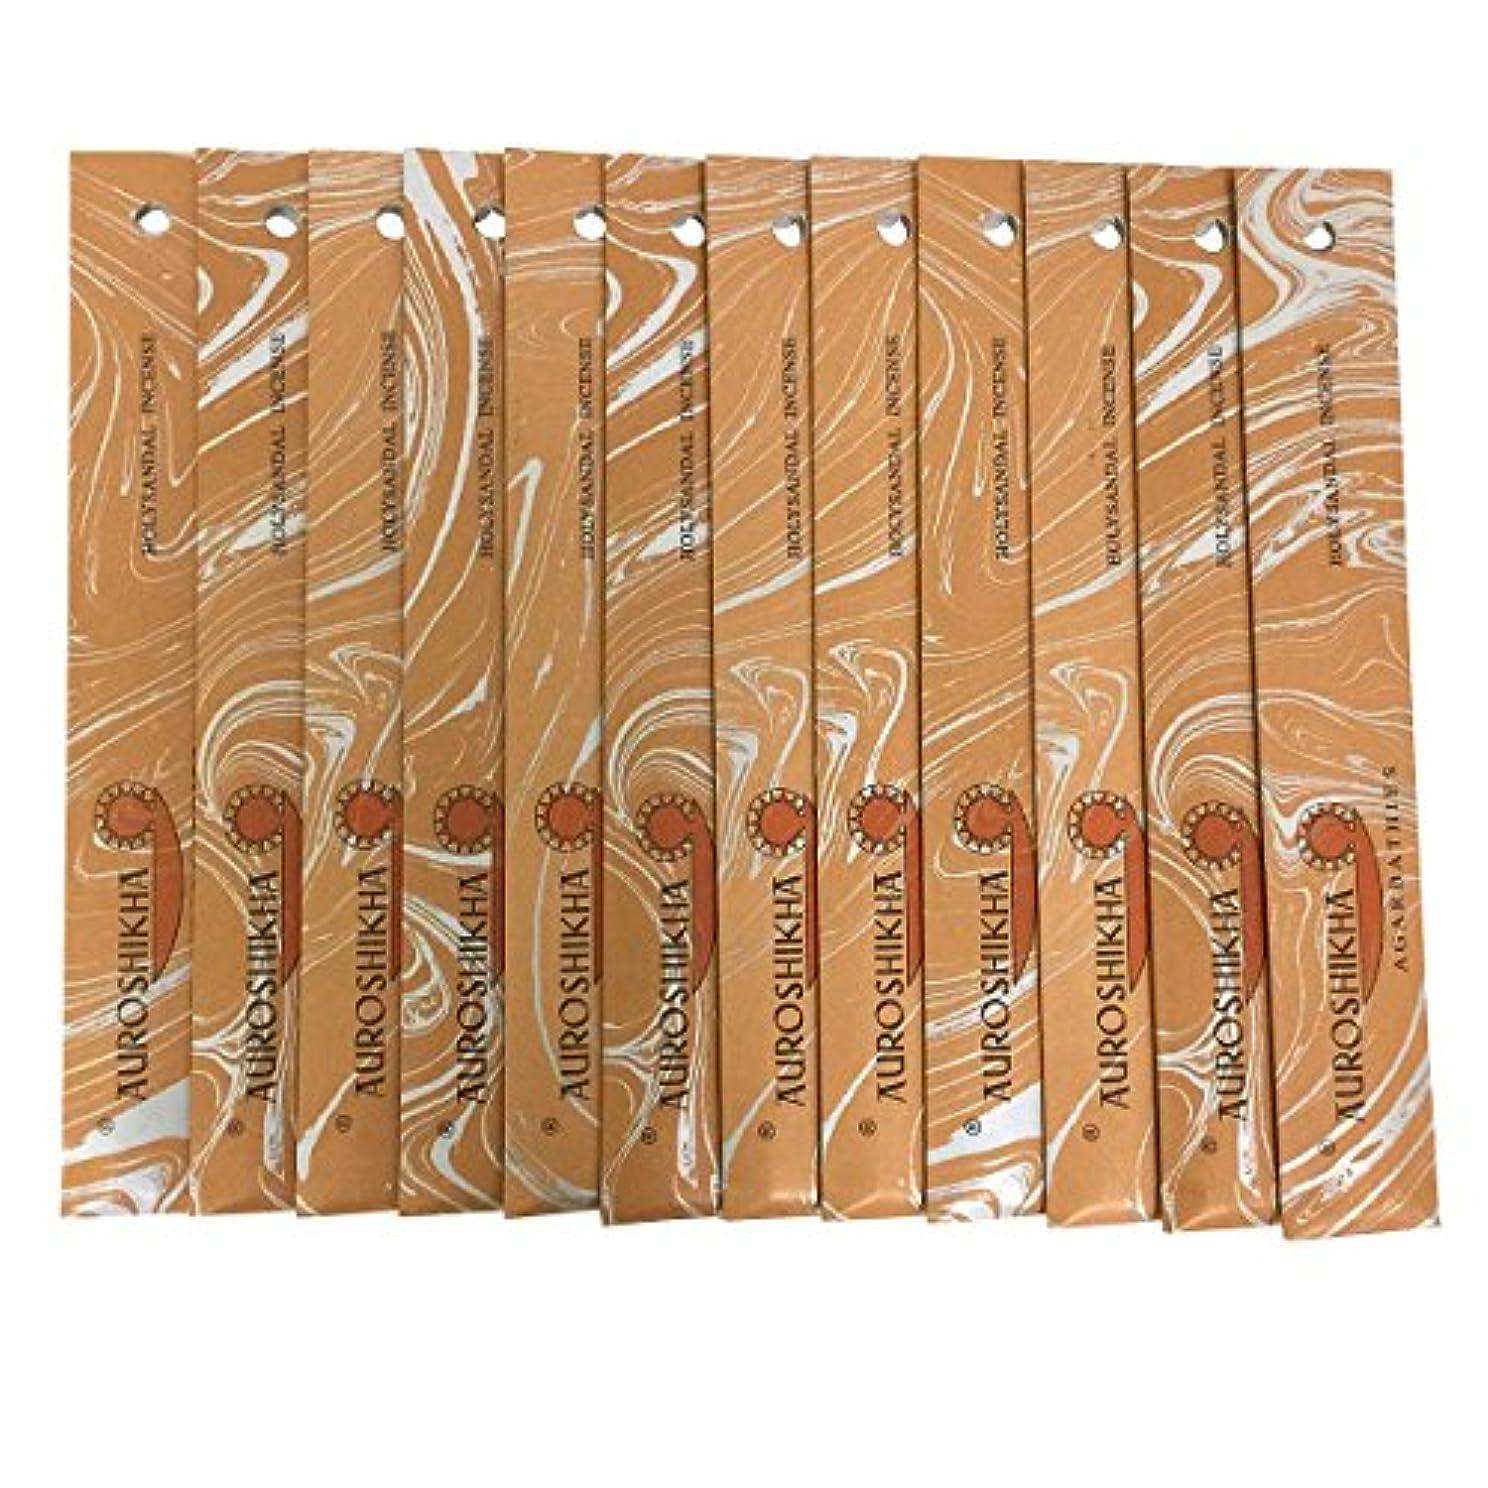 範囲ブロッサムアセンブリAUROSHIKHA オウロシカ(HOLYSANDALホーリーサンダル12個セット) マーブルパッケージスティック 送料無料